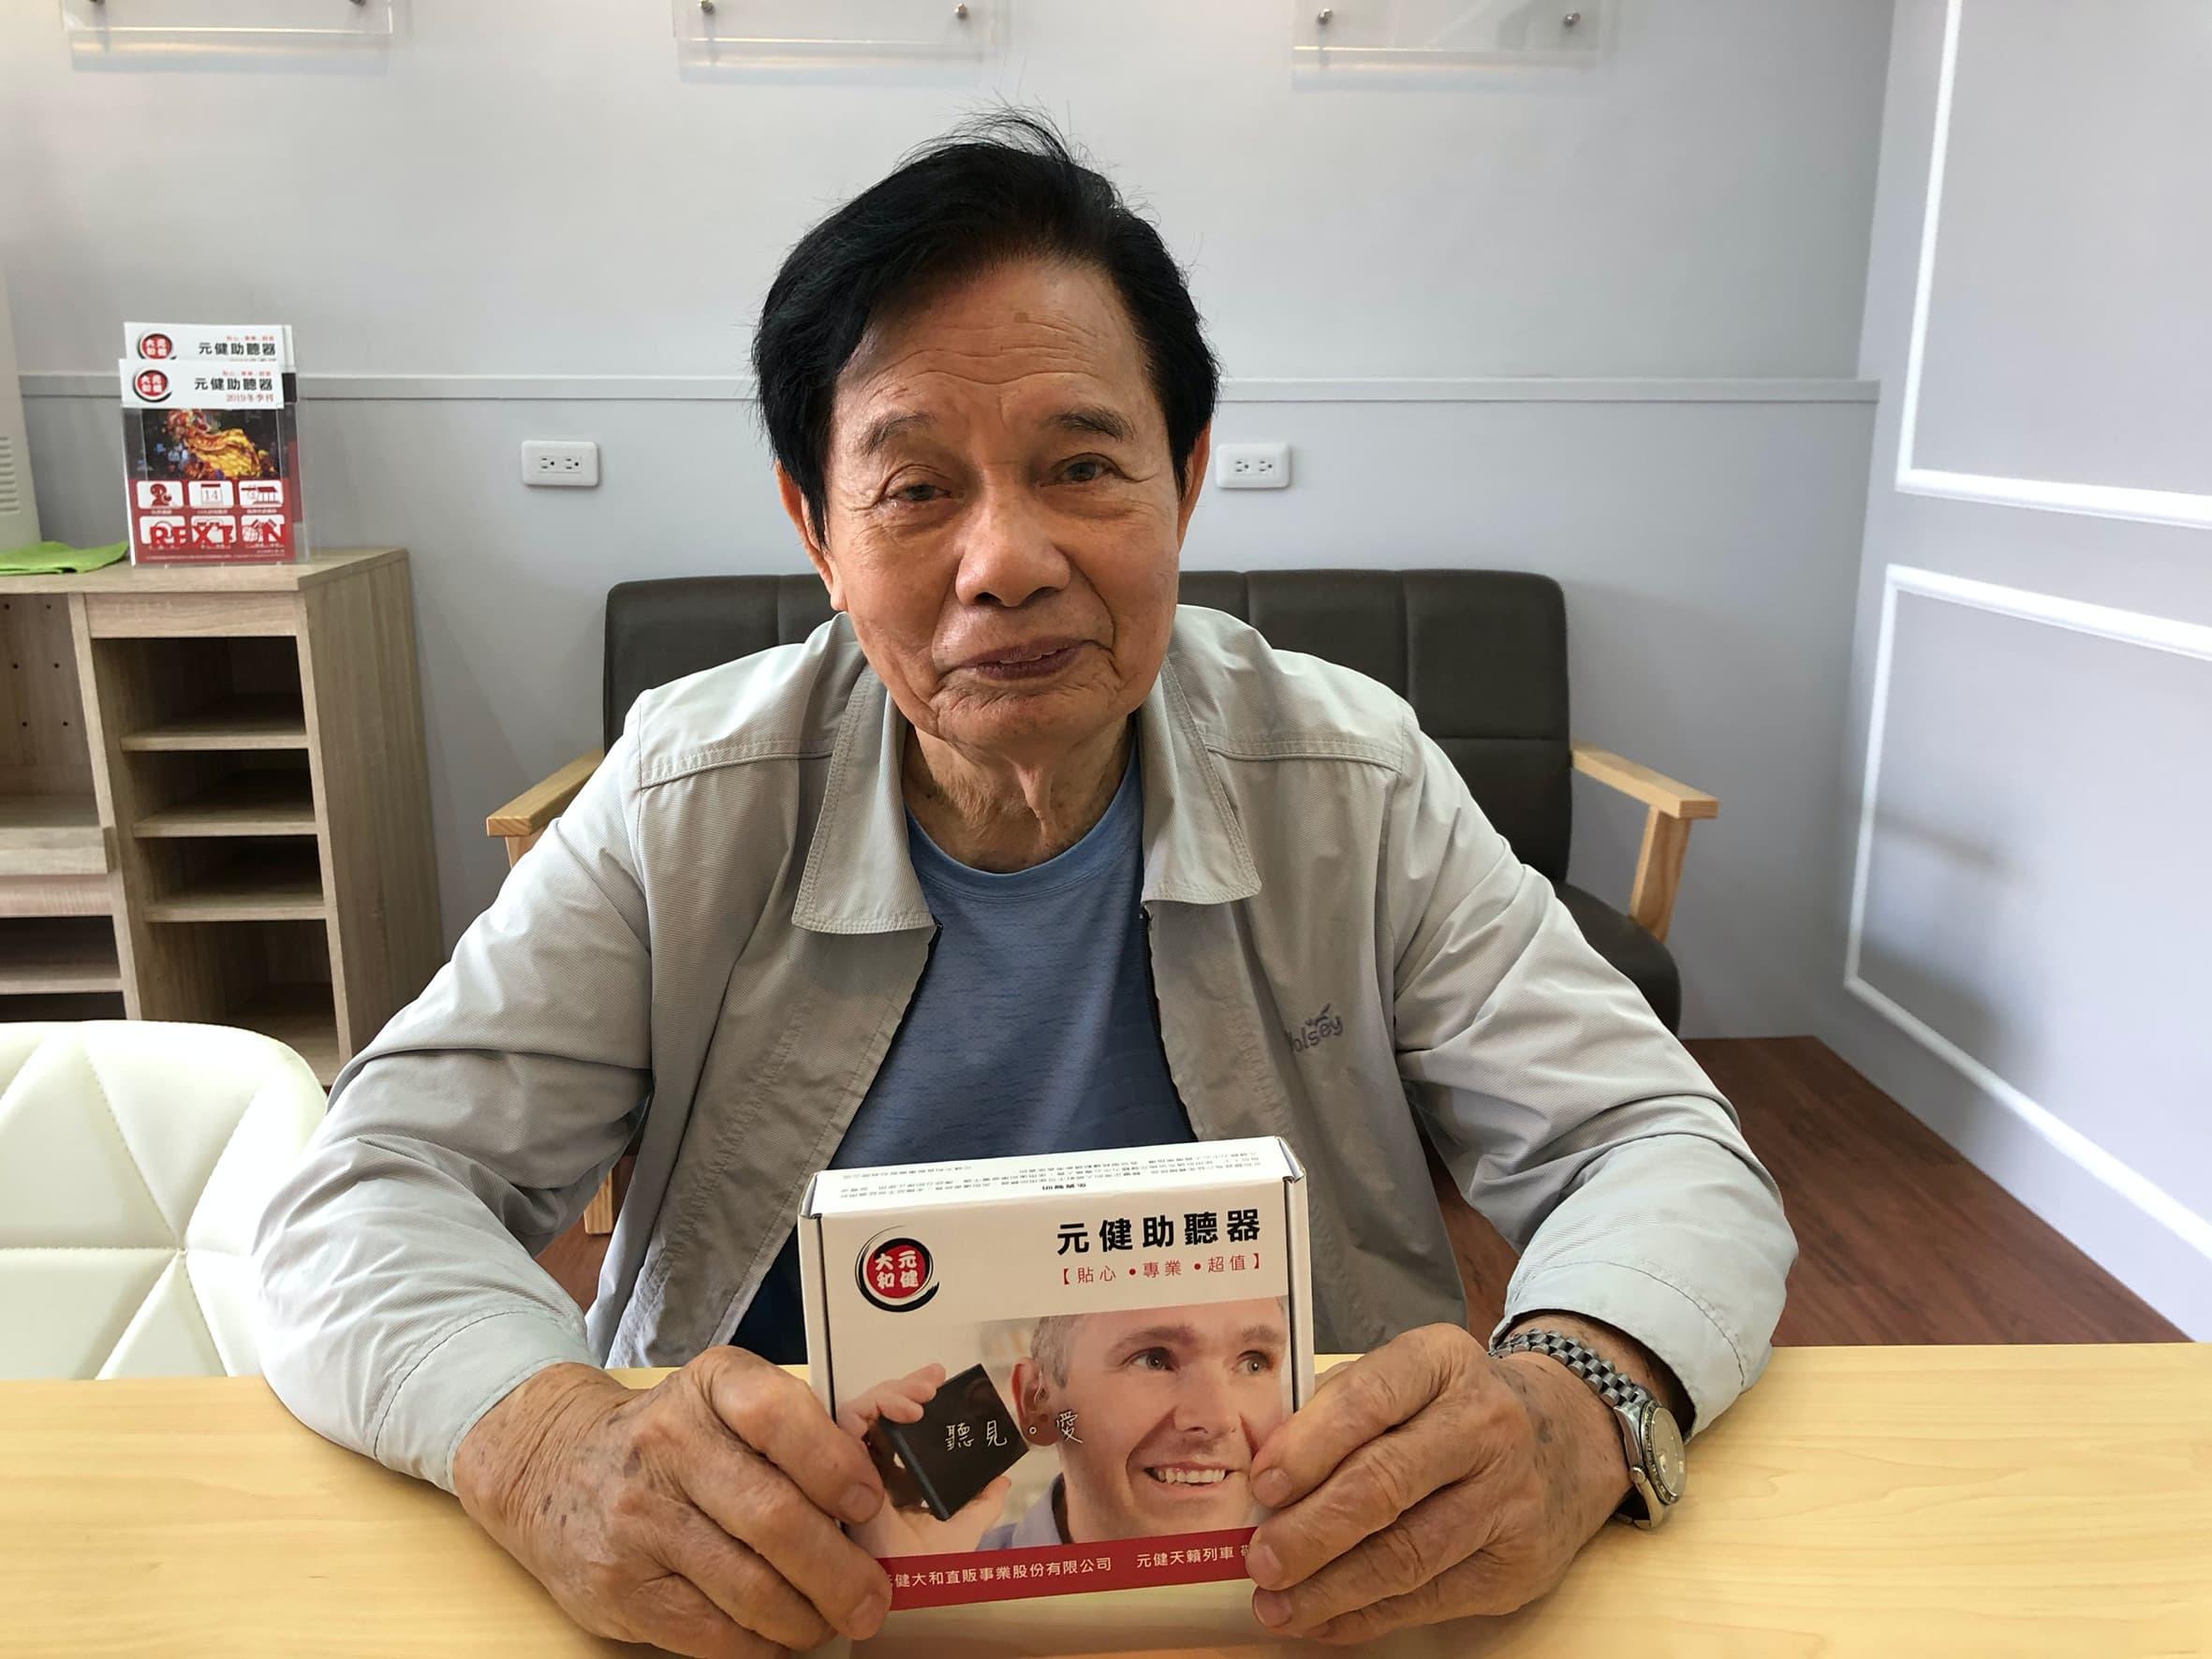 高雄市元健天籟列車政府合作捐贈助聽器受贈者